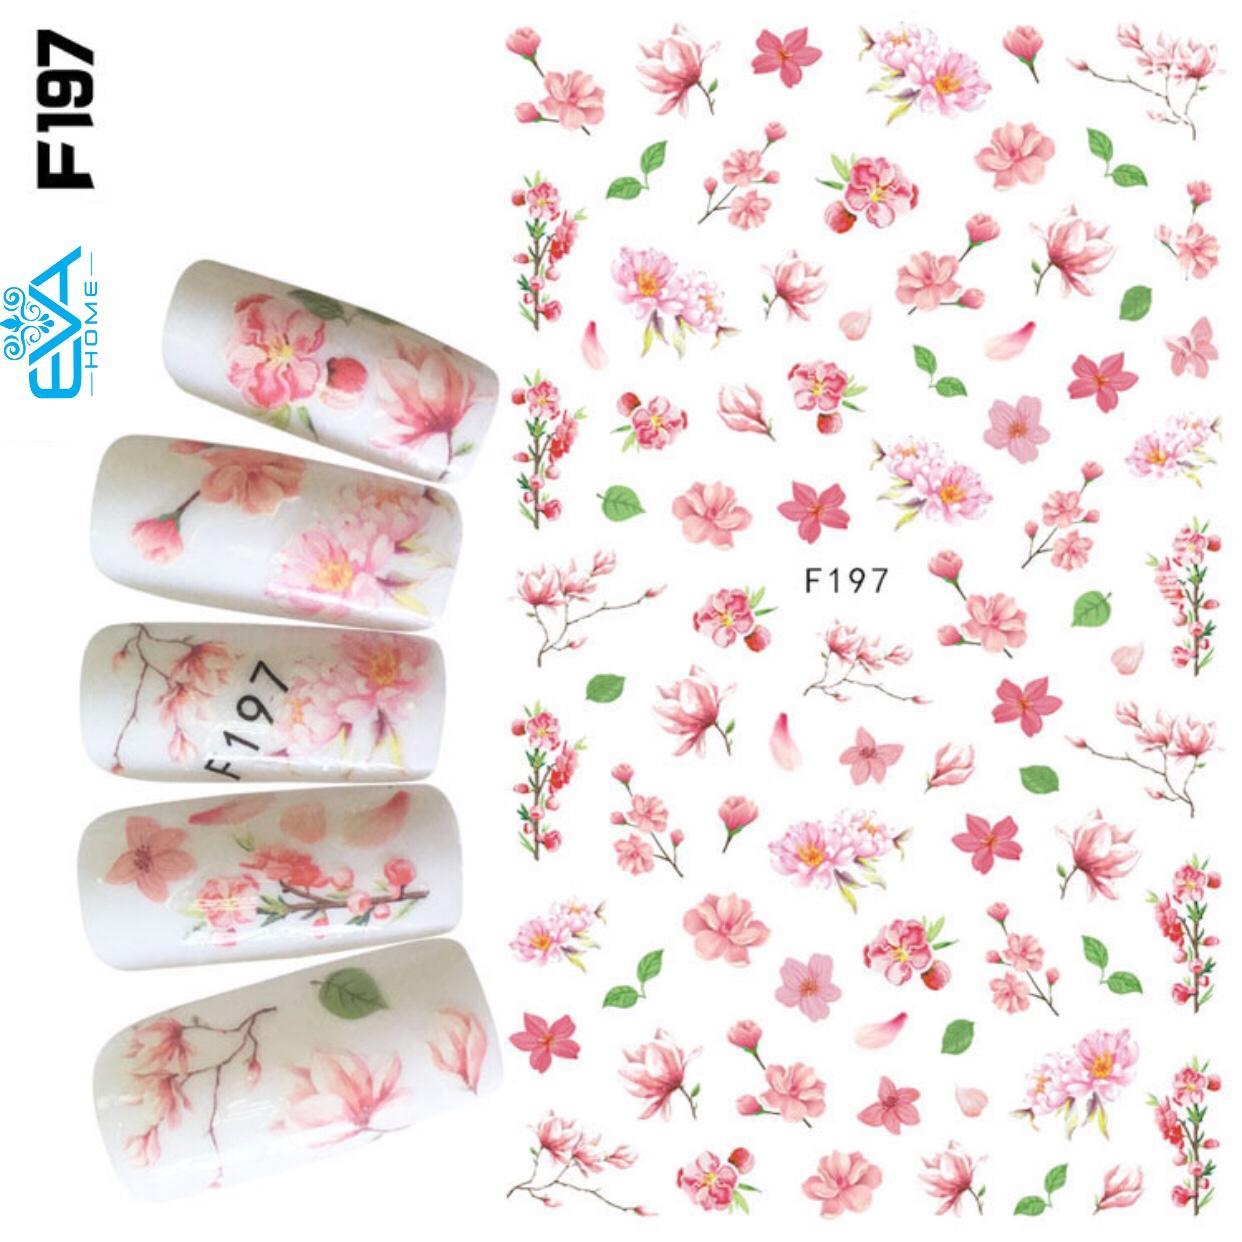 Miếng Dán Móng Tay 3D Nail Sticker Tráng Trí Hoạ Tiết Bông Hoa F197 tốt nhất